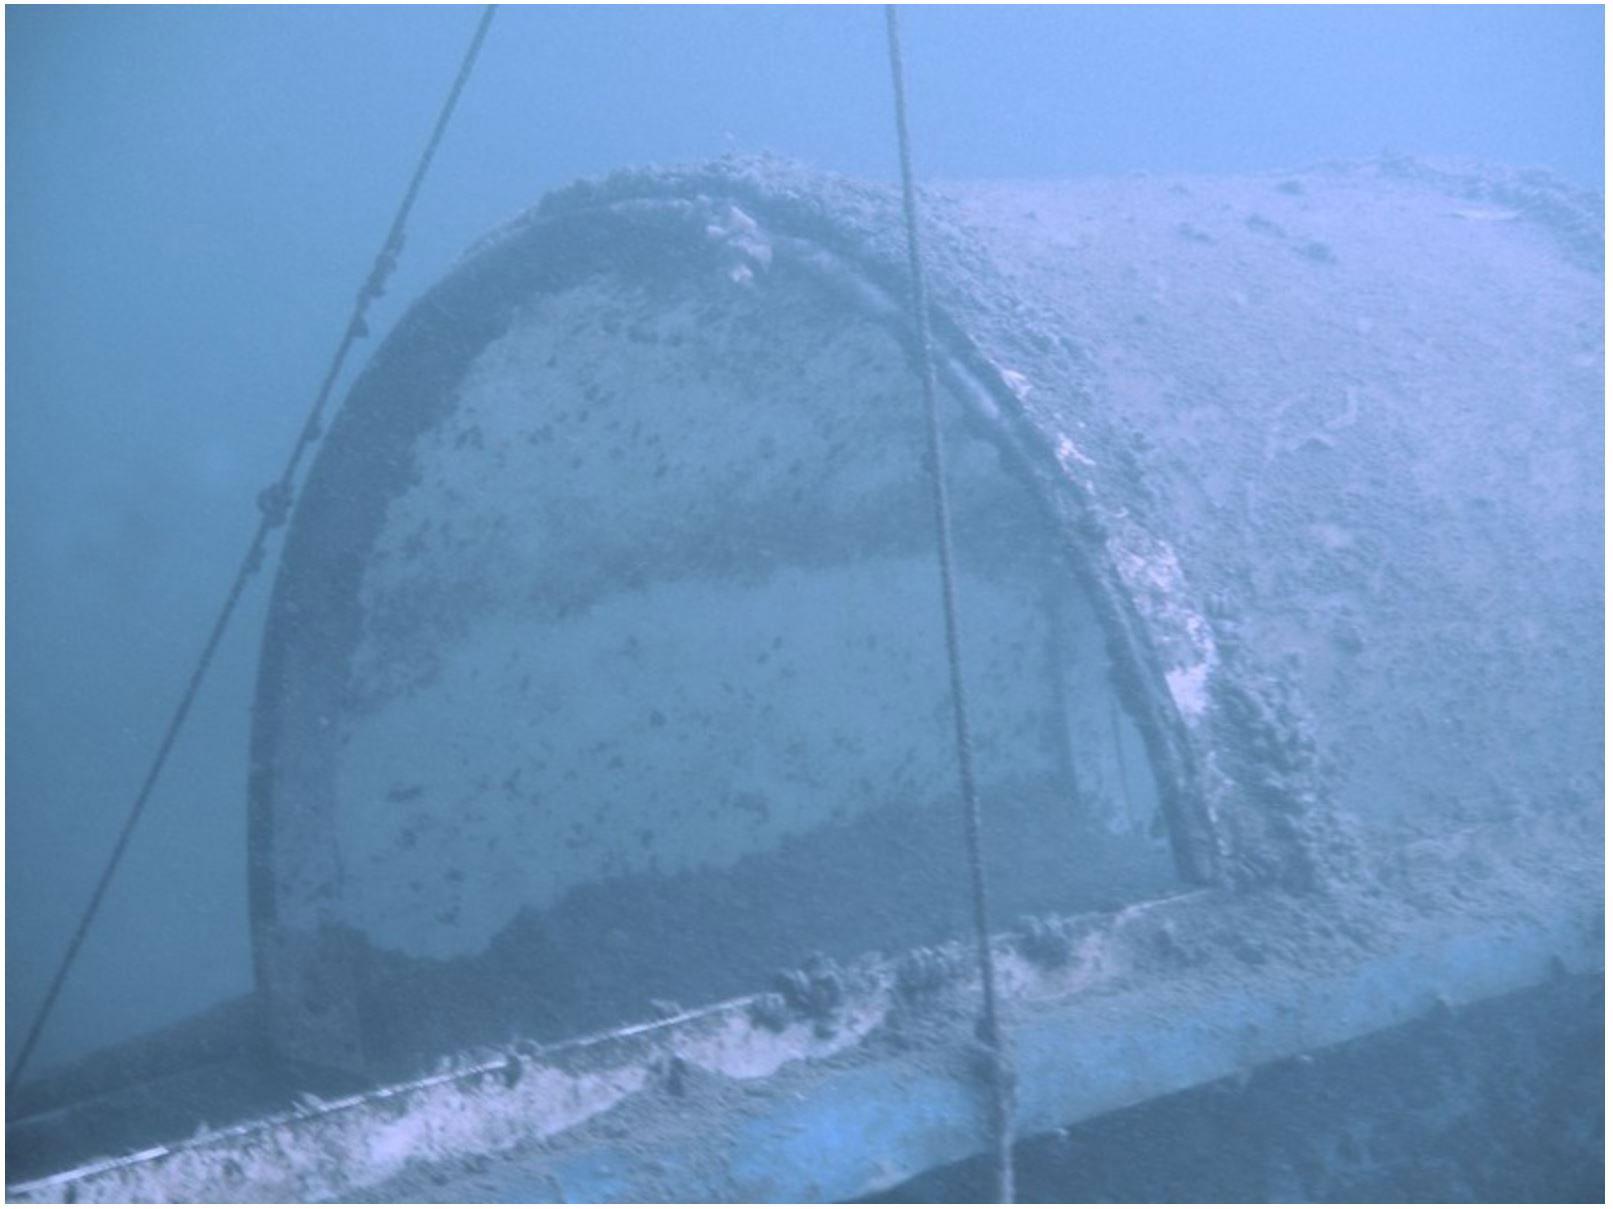 Und so schaut ein Teil der Röhre unter Wasser aus. Man beachte die nach oben zeigenden Seile. Diese sind ebenfalls gut im Side Imaging zu erkennen!